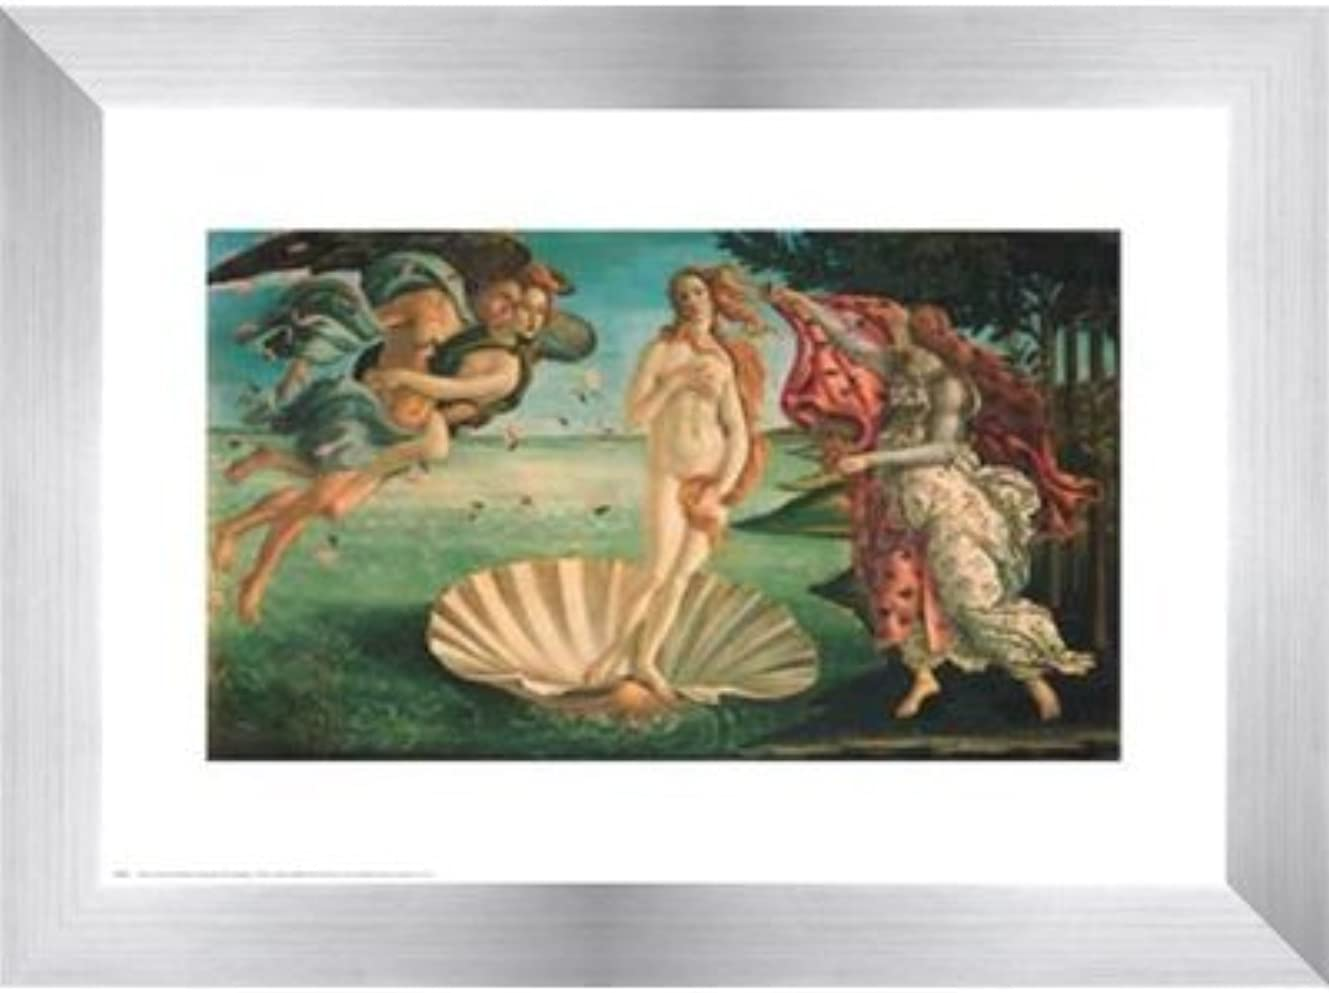 陸軍道徳の共産主義Birth of Venus by Sandro Botticelli – 10 x 8インチ – アートプリントポスター LE_28409-F9935-10x8